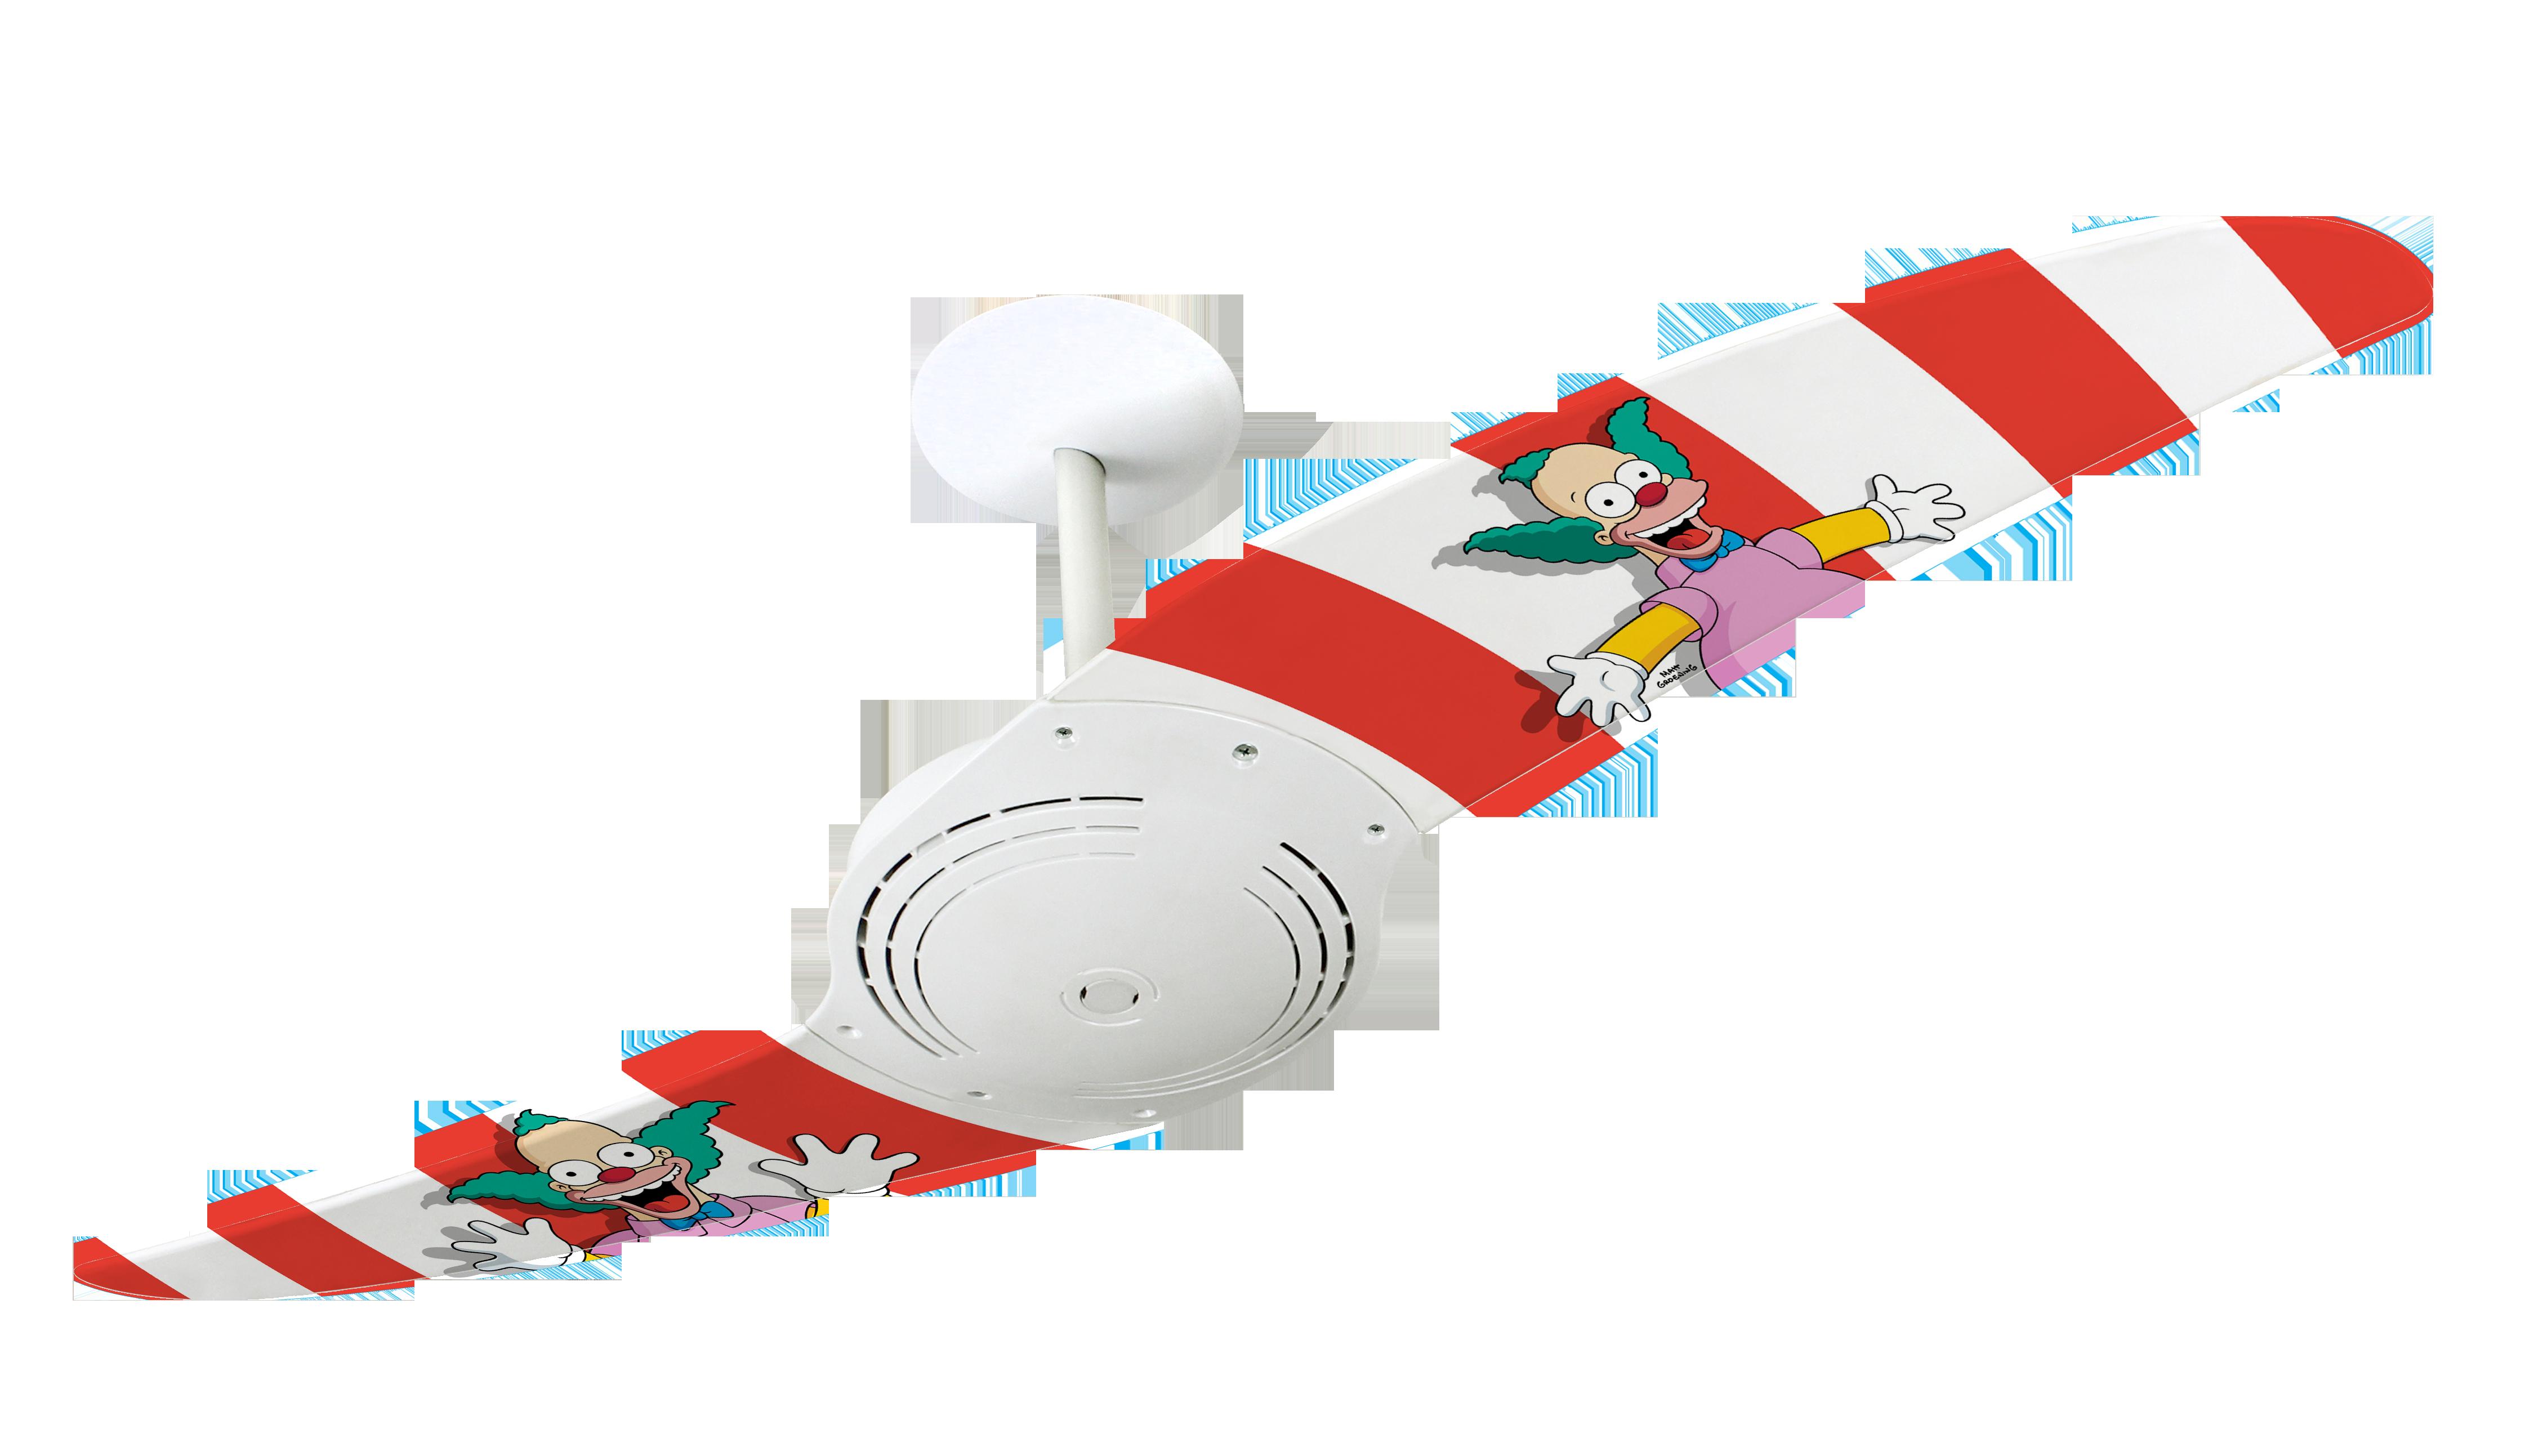 Ventilador de teto com estampa inspirada em circo